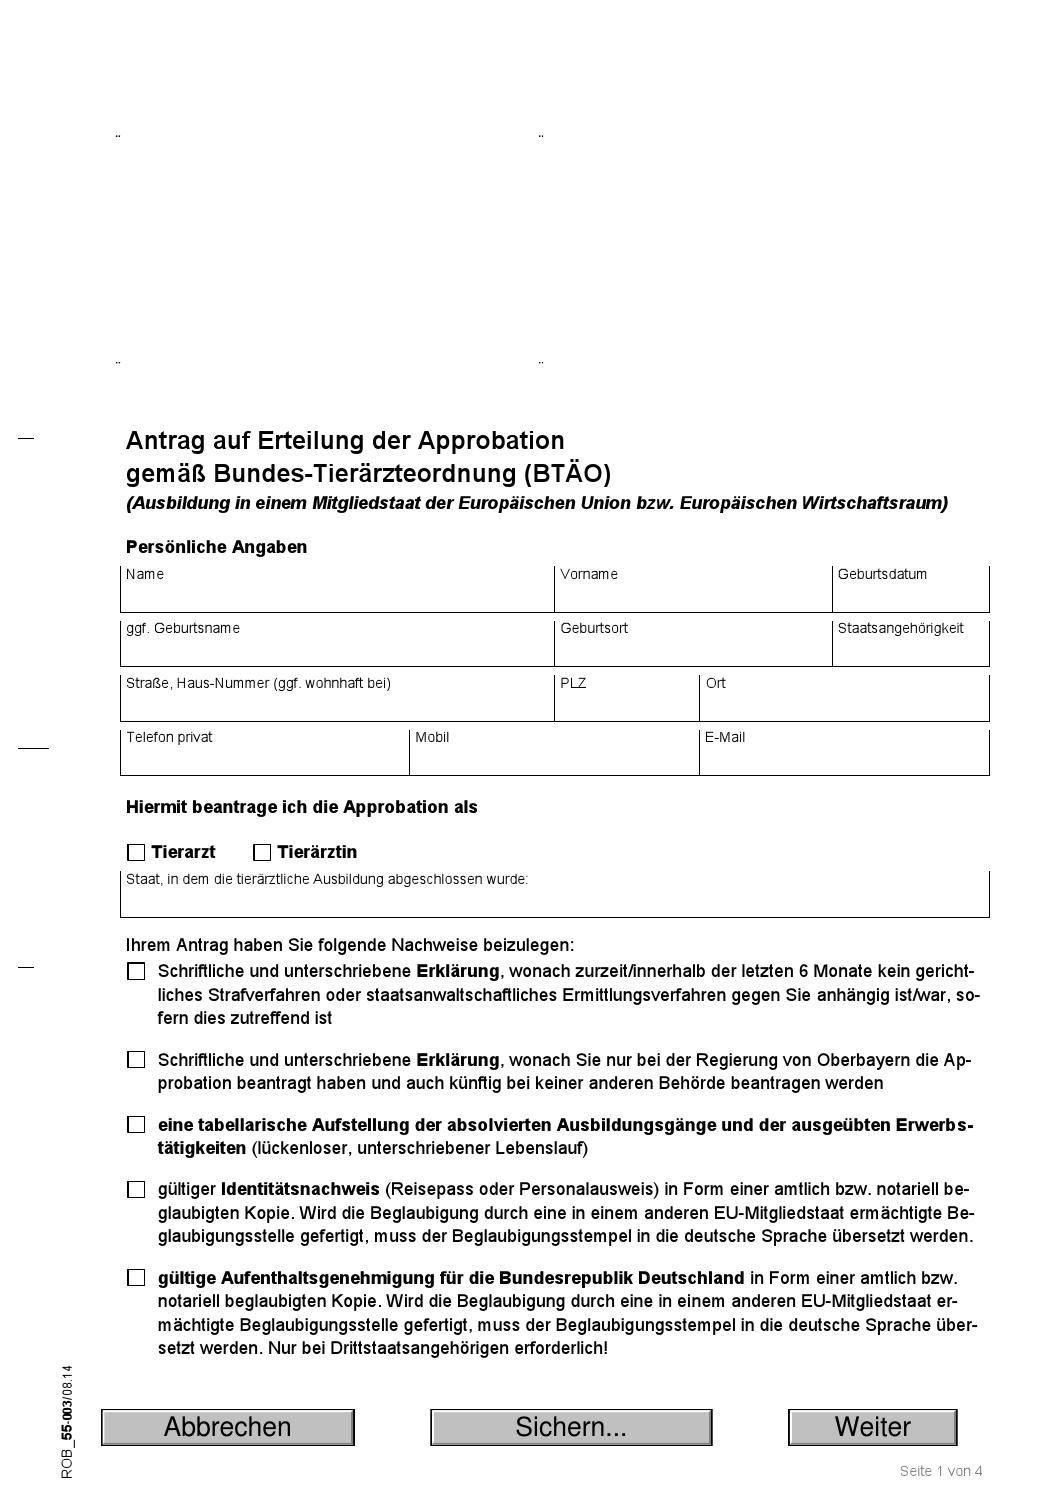 Antrag Auf Erteilung Der Approbation Gemäß Bundes Tierärzteordnung